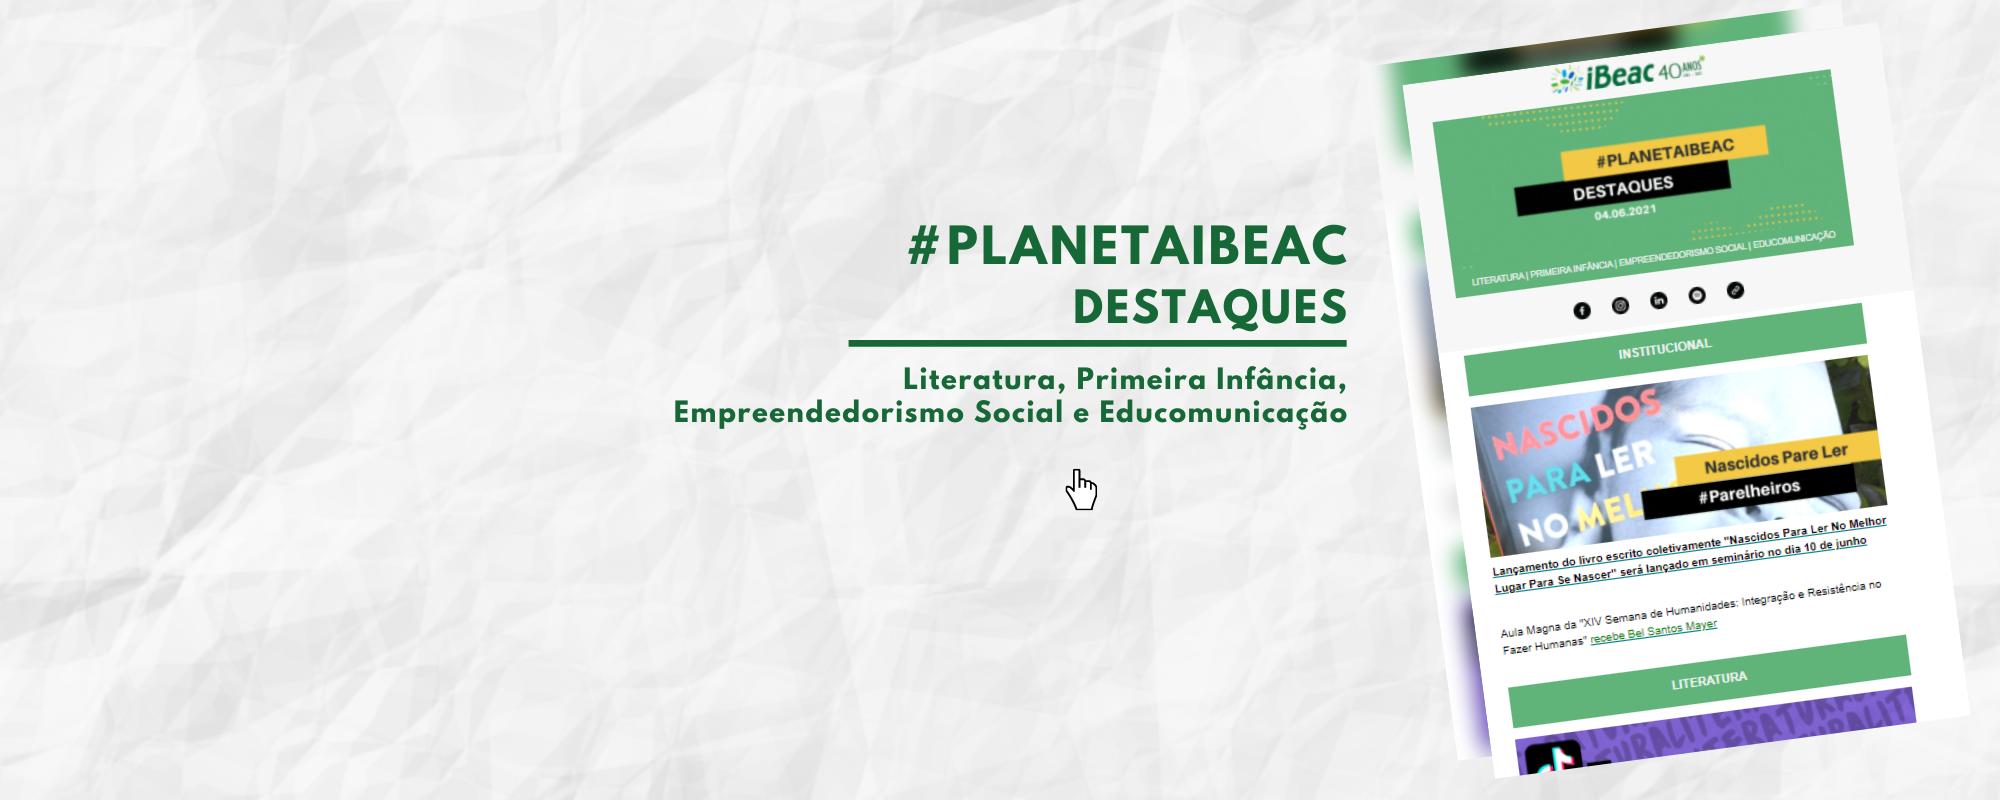 Destaques #PlanetaIbeac 04.06.2021